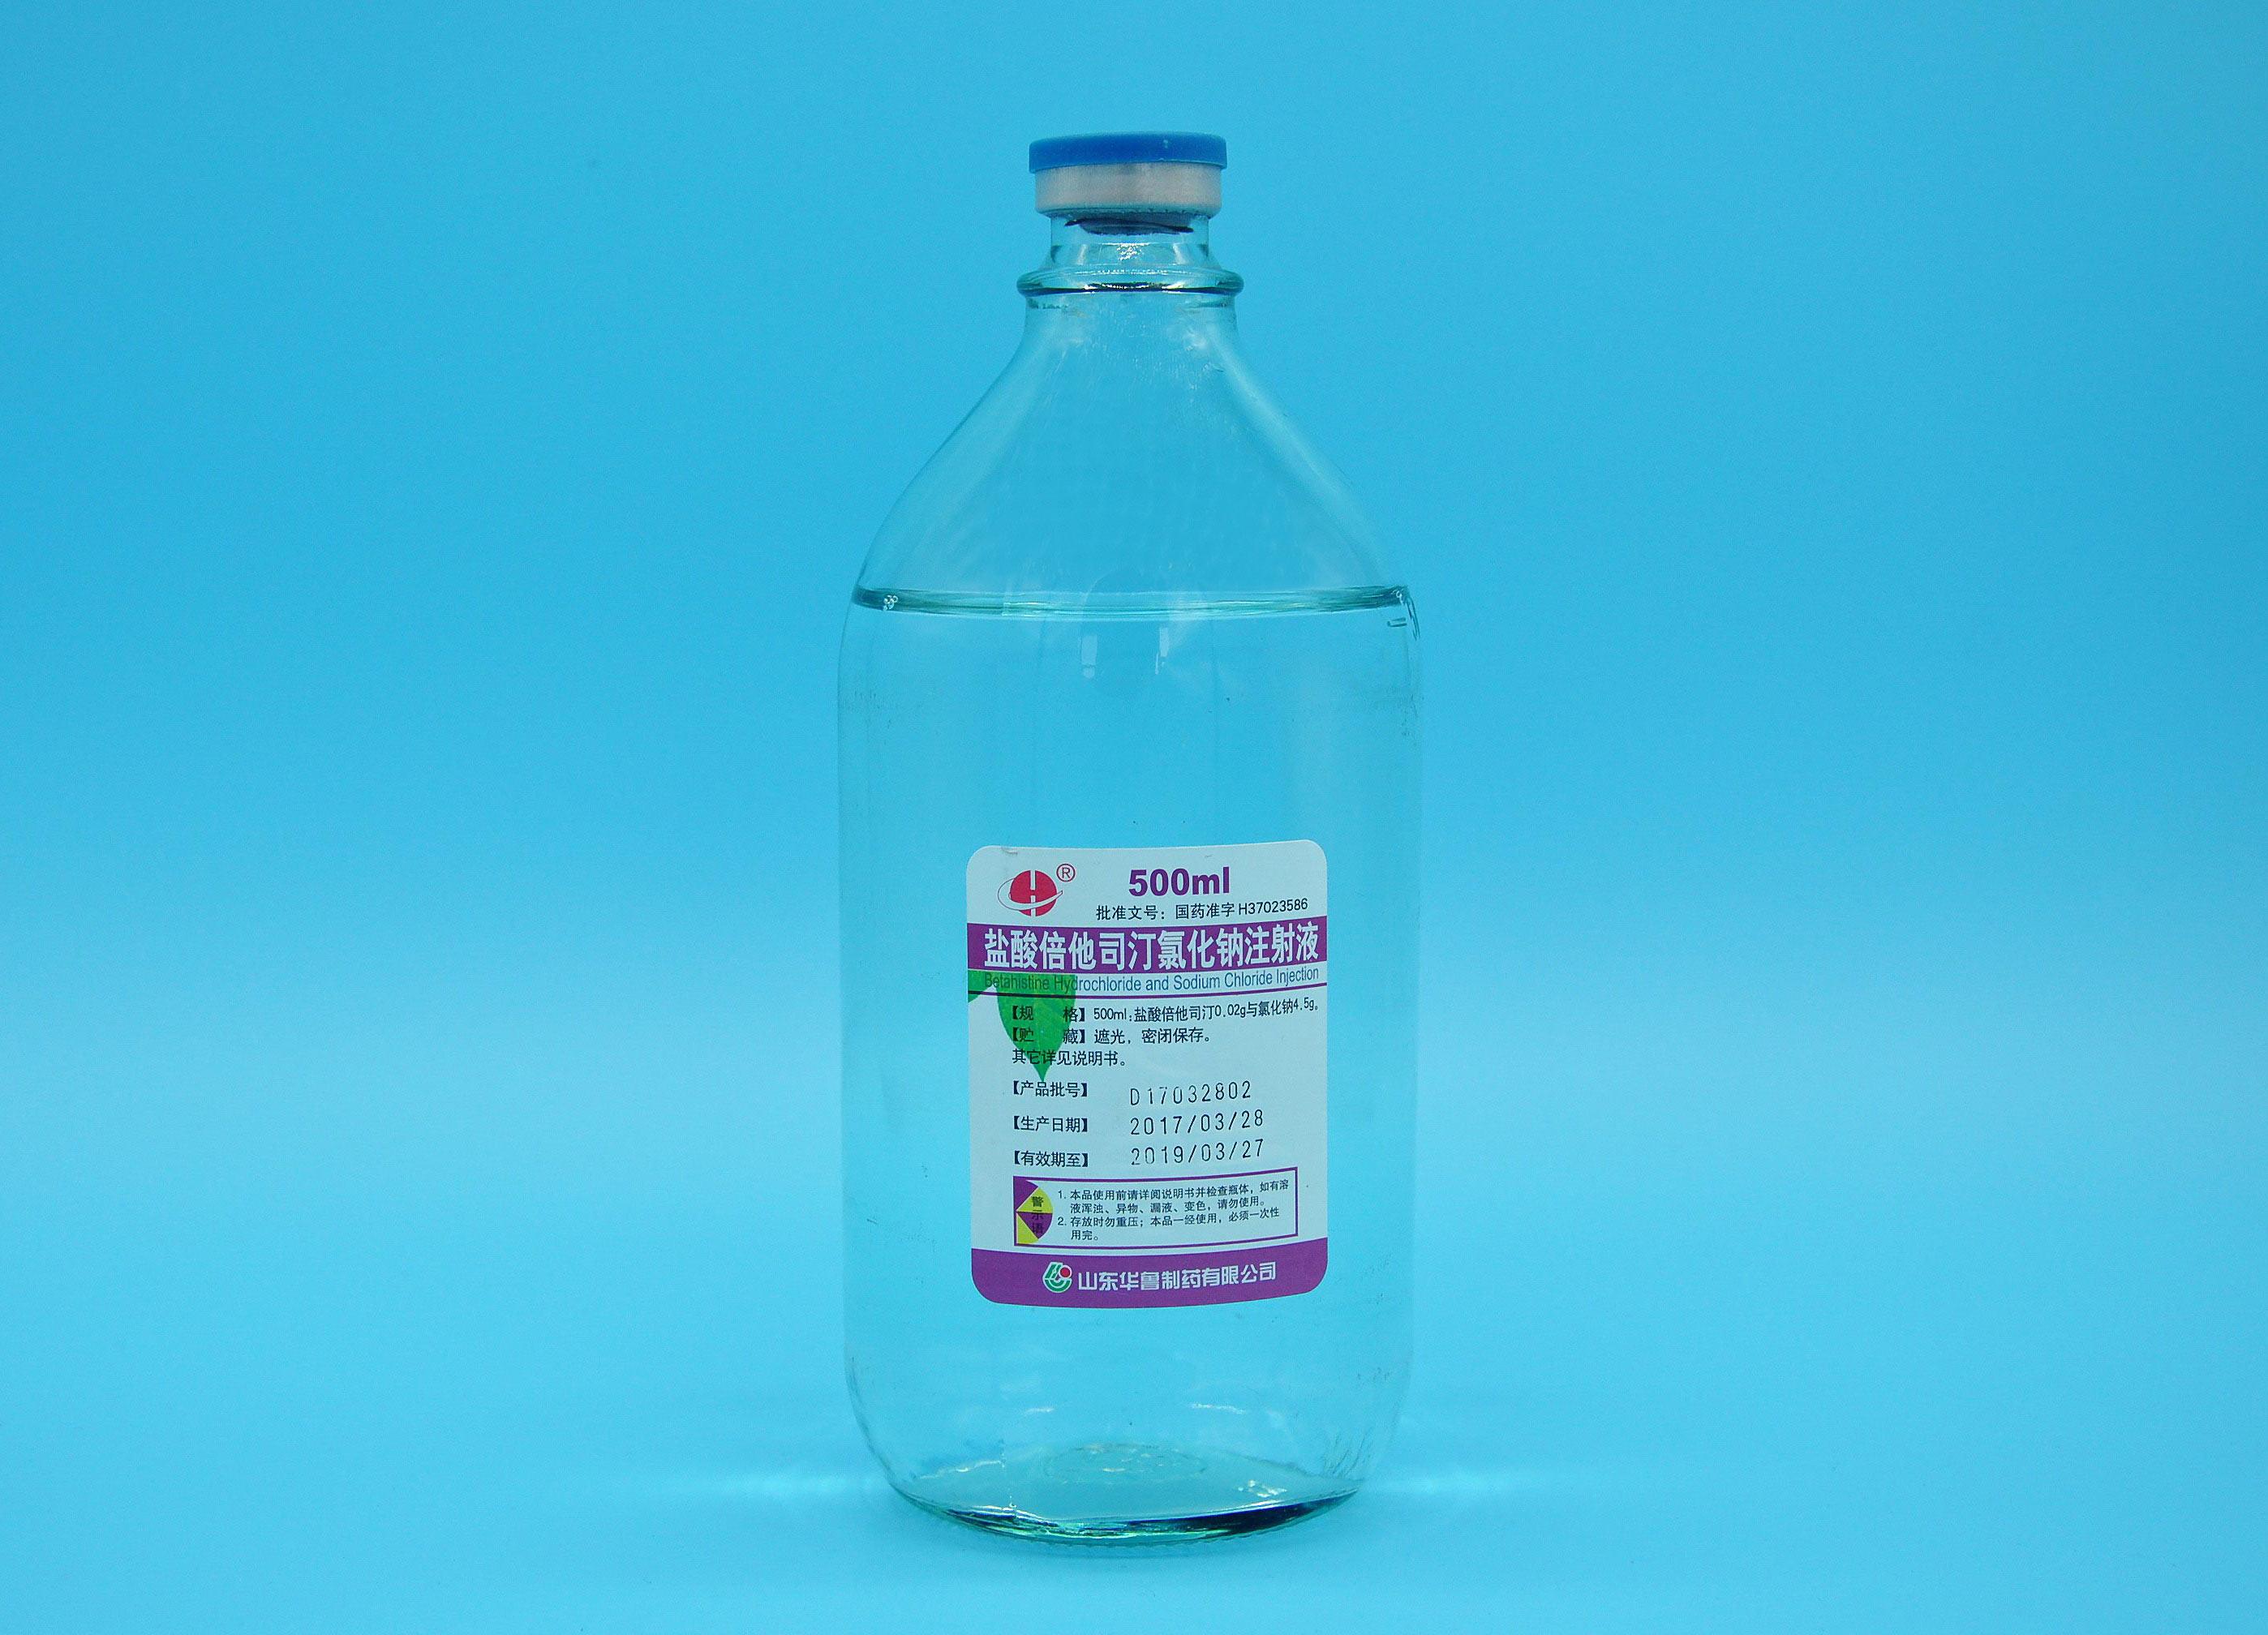 鹽酸倍他司汀氯化鈉注射液